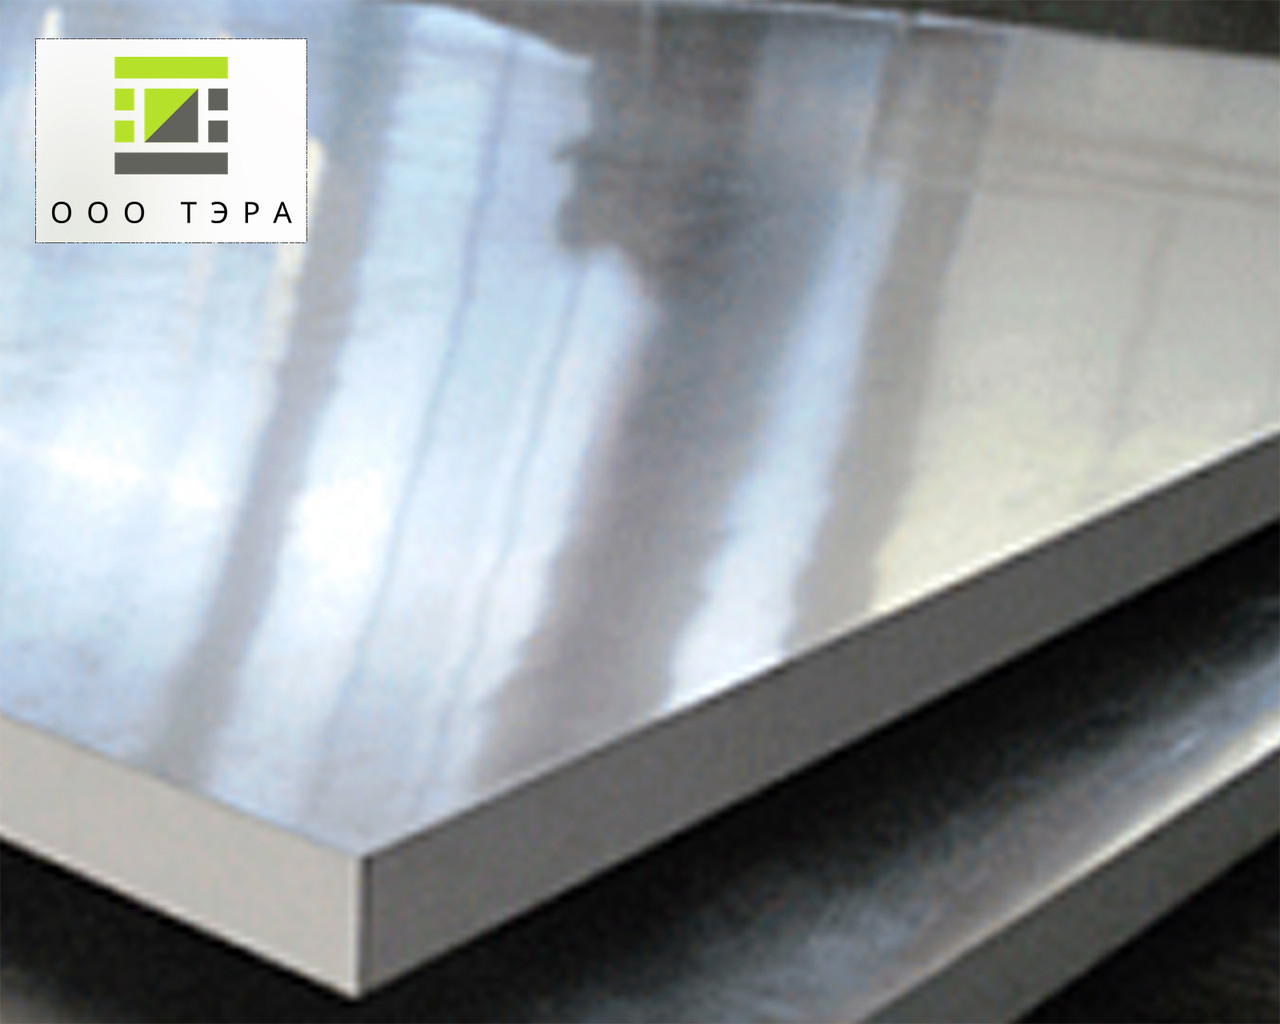 Дюралевая плита 40 мм 2024 Т351 алюминий сплав Д16Т, размеры 1500х3000 мм